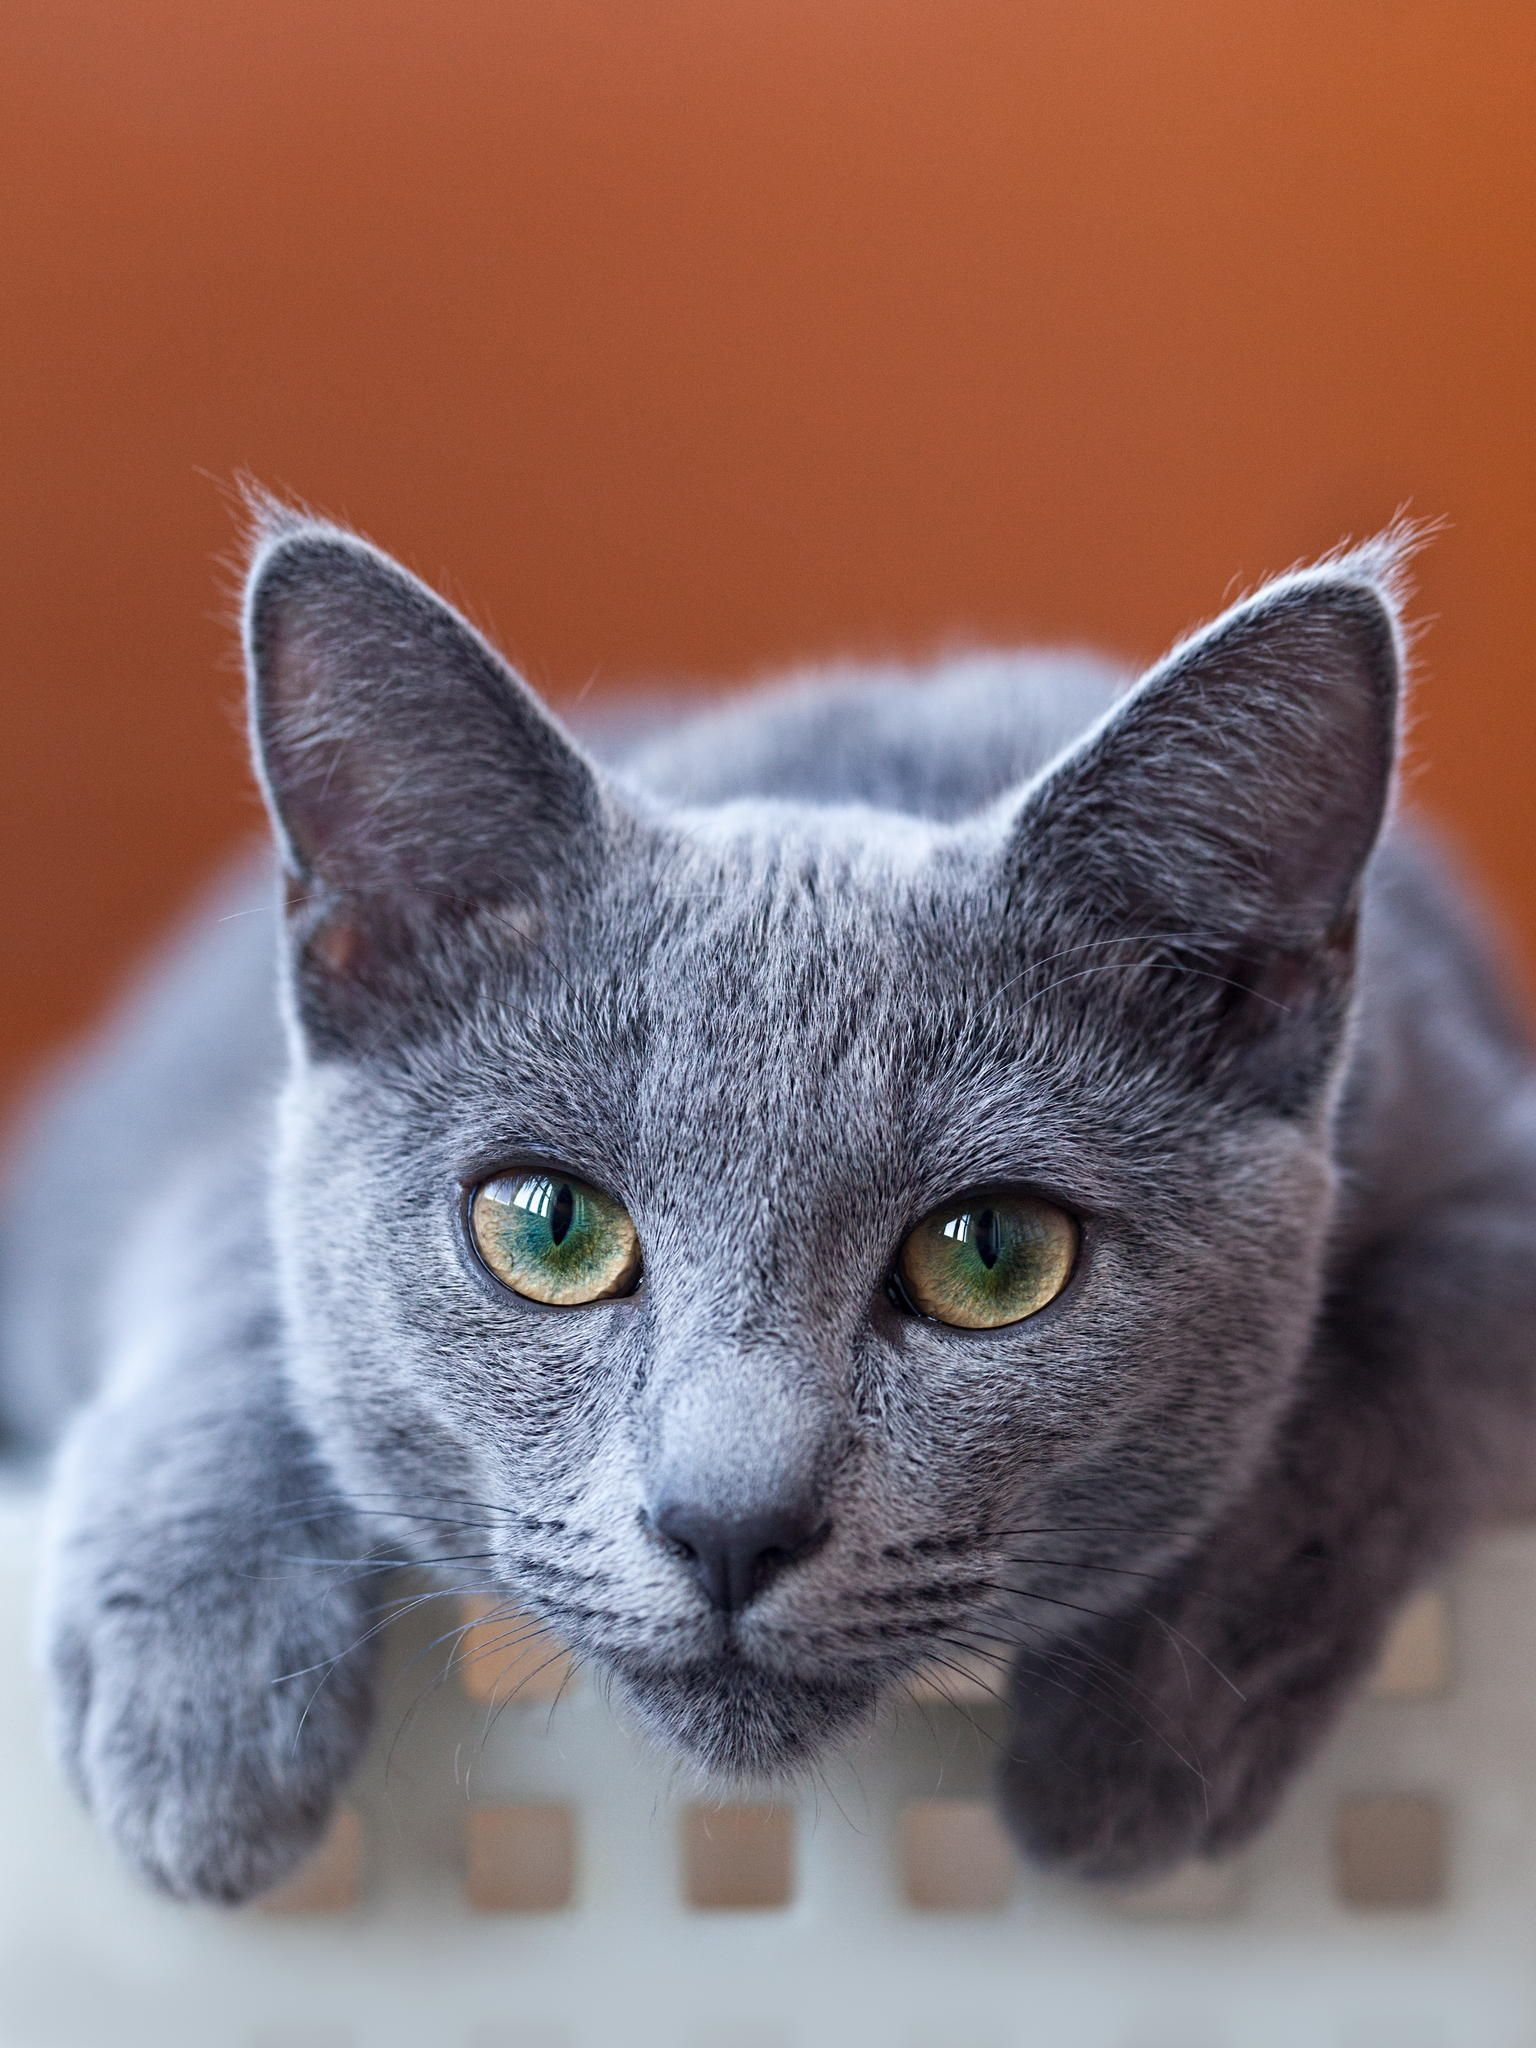 Russian Blue Archangel Blue By Dmitry Zinoviev On 500px With Images Russian Blue Russian Blue Cat Chartreux Cat